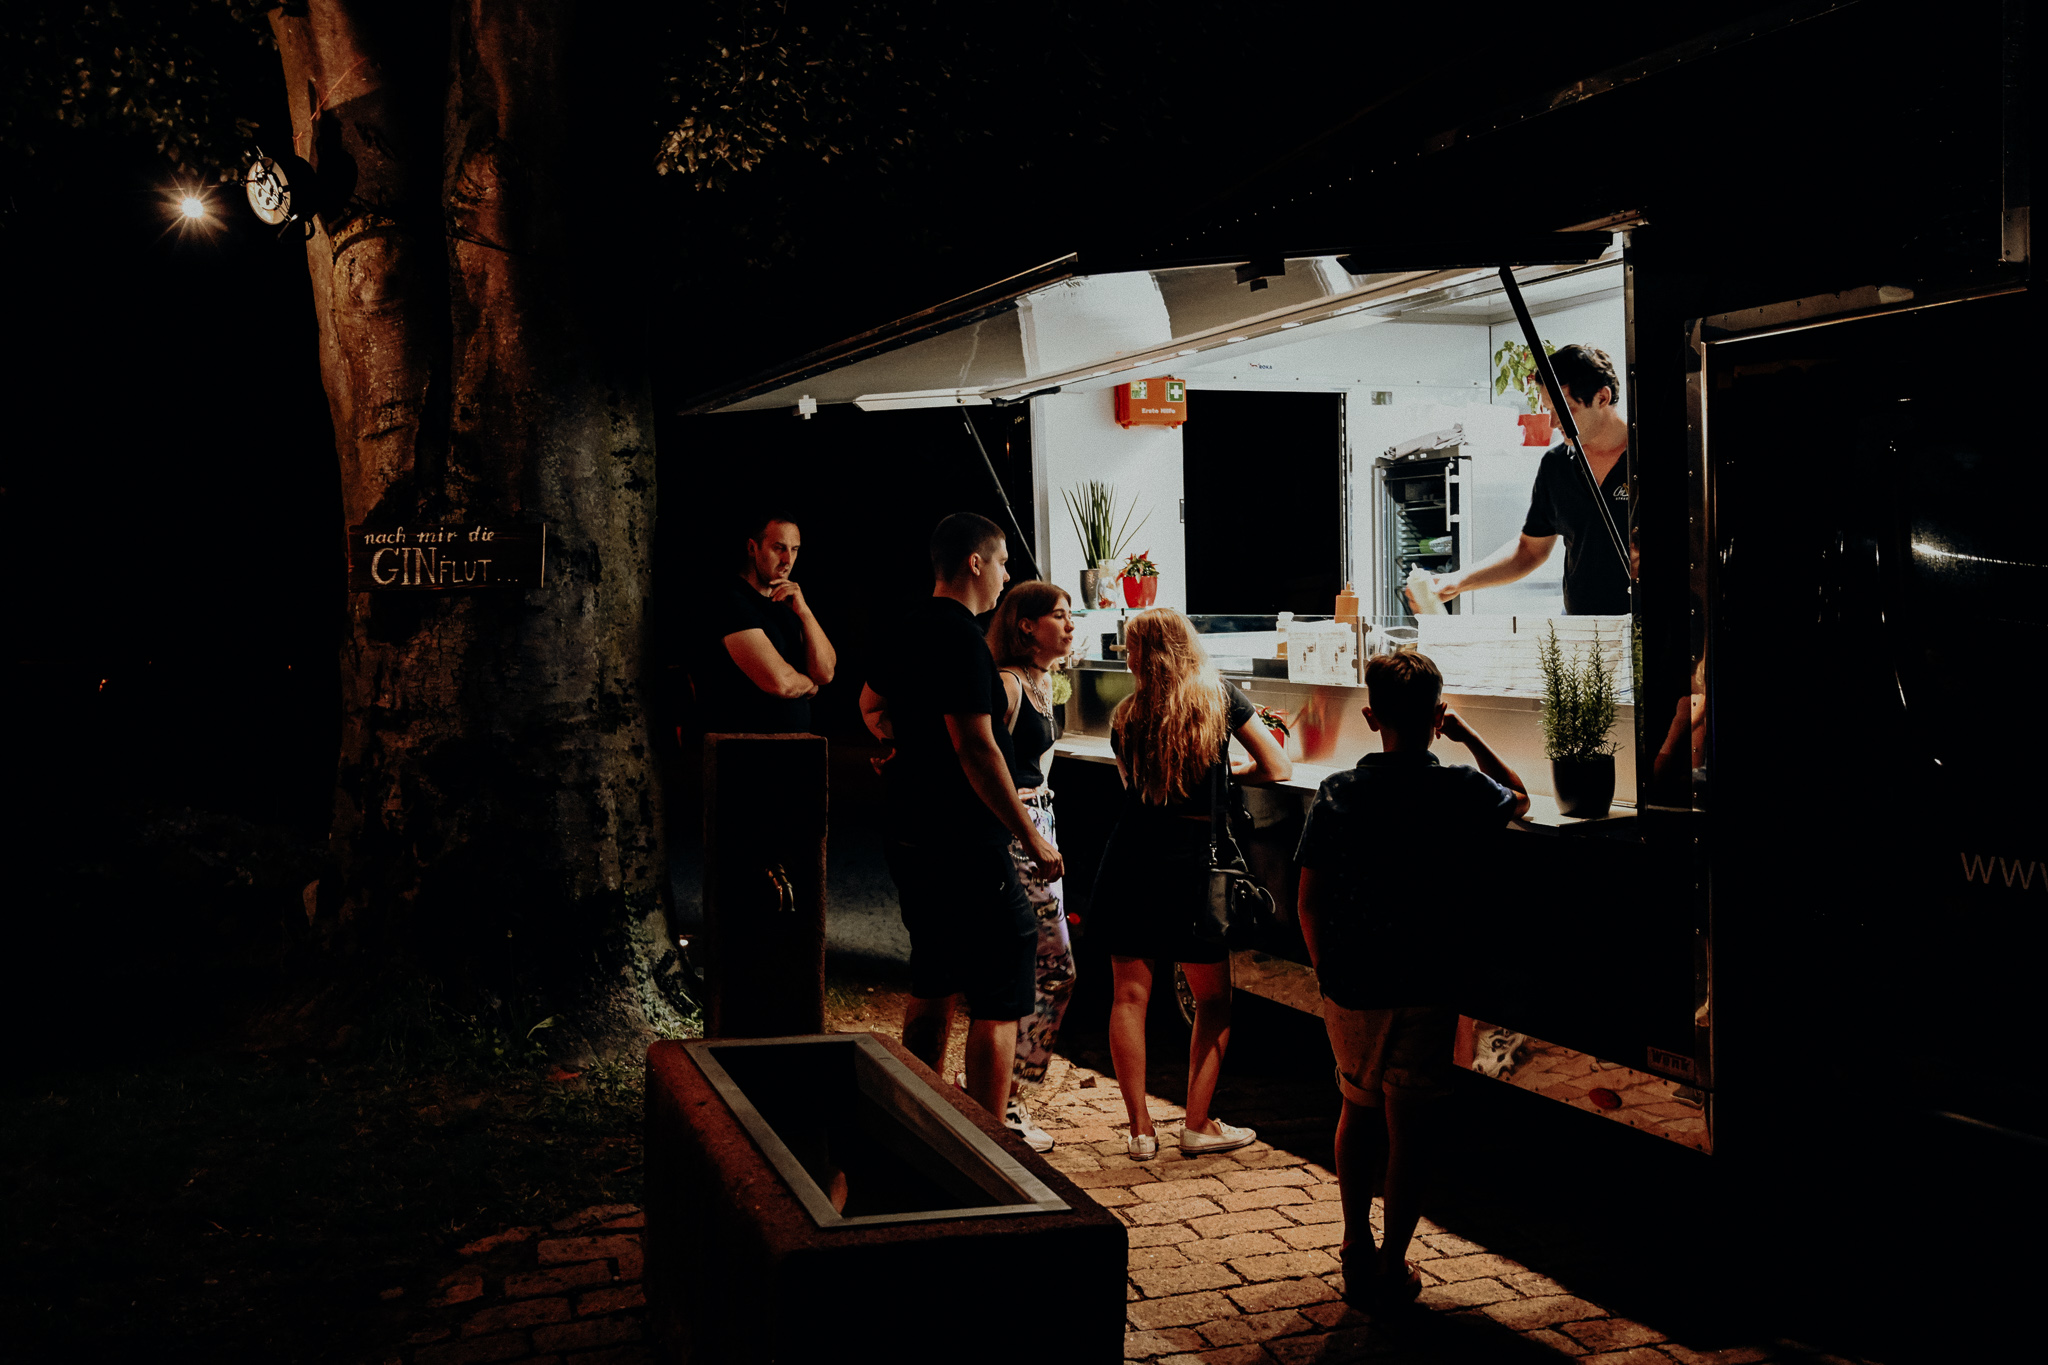 s'Loch Gin-Fest - Che Lui Streetfood